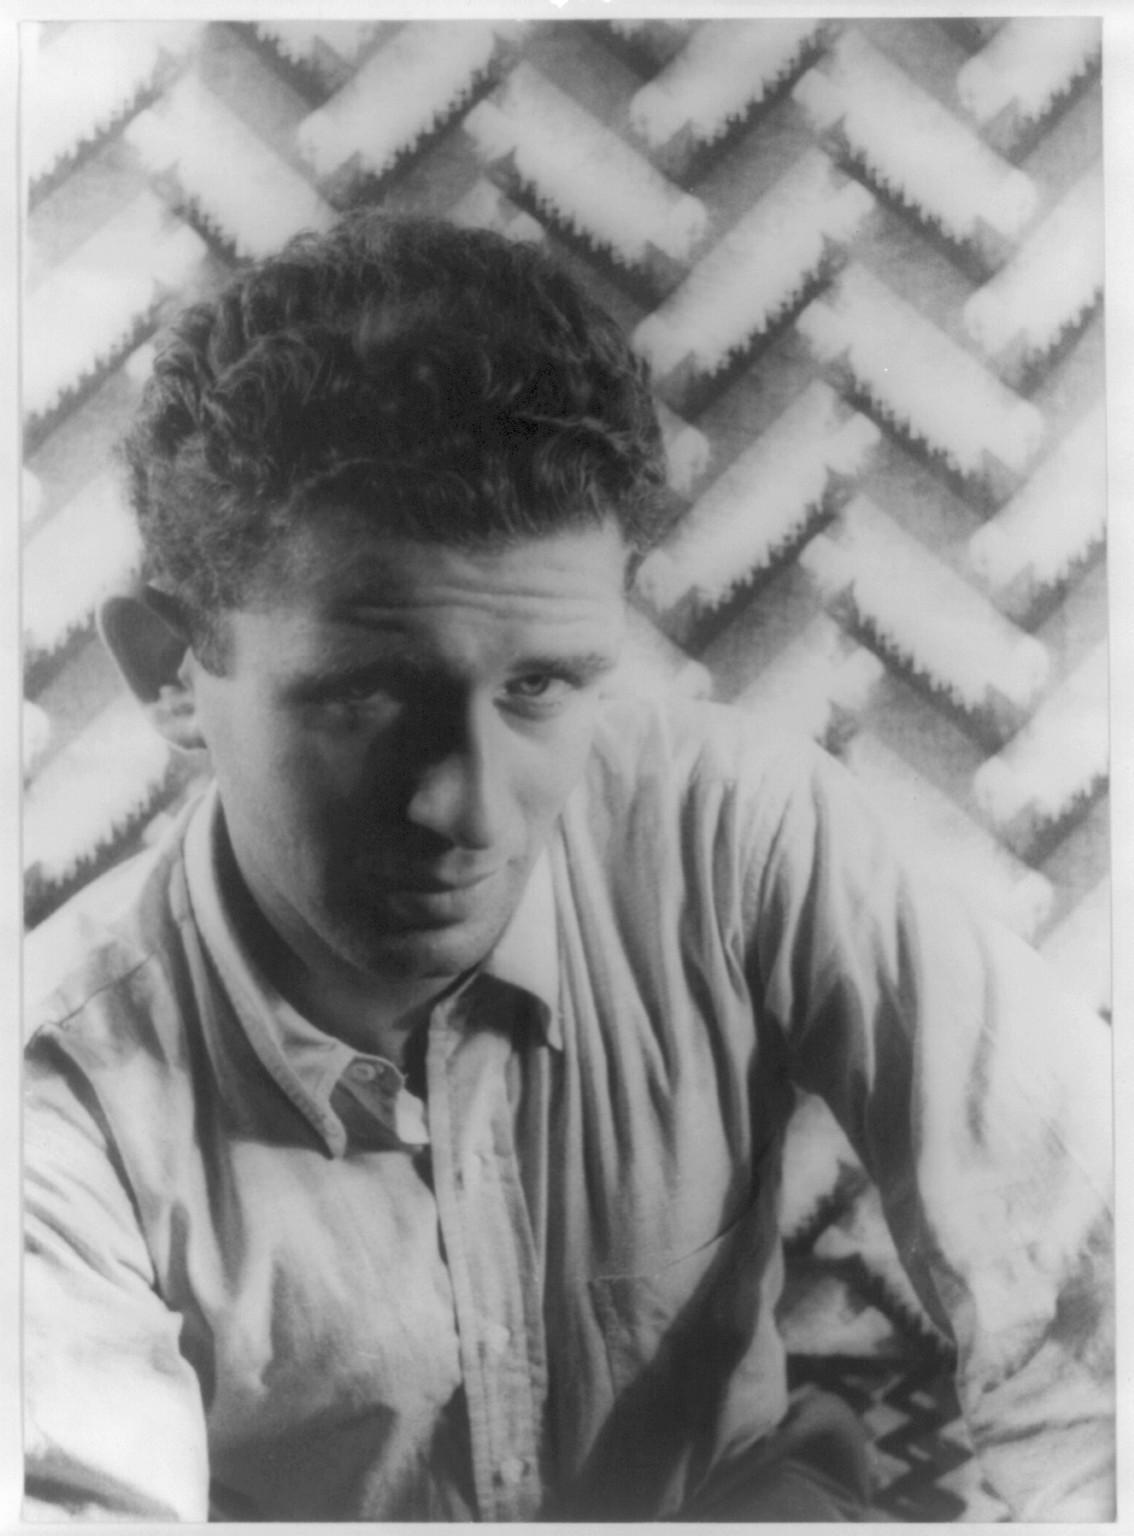 Norman Mailer 1948.jpg